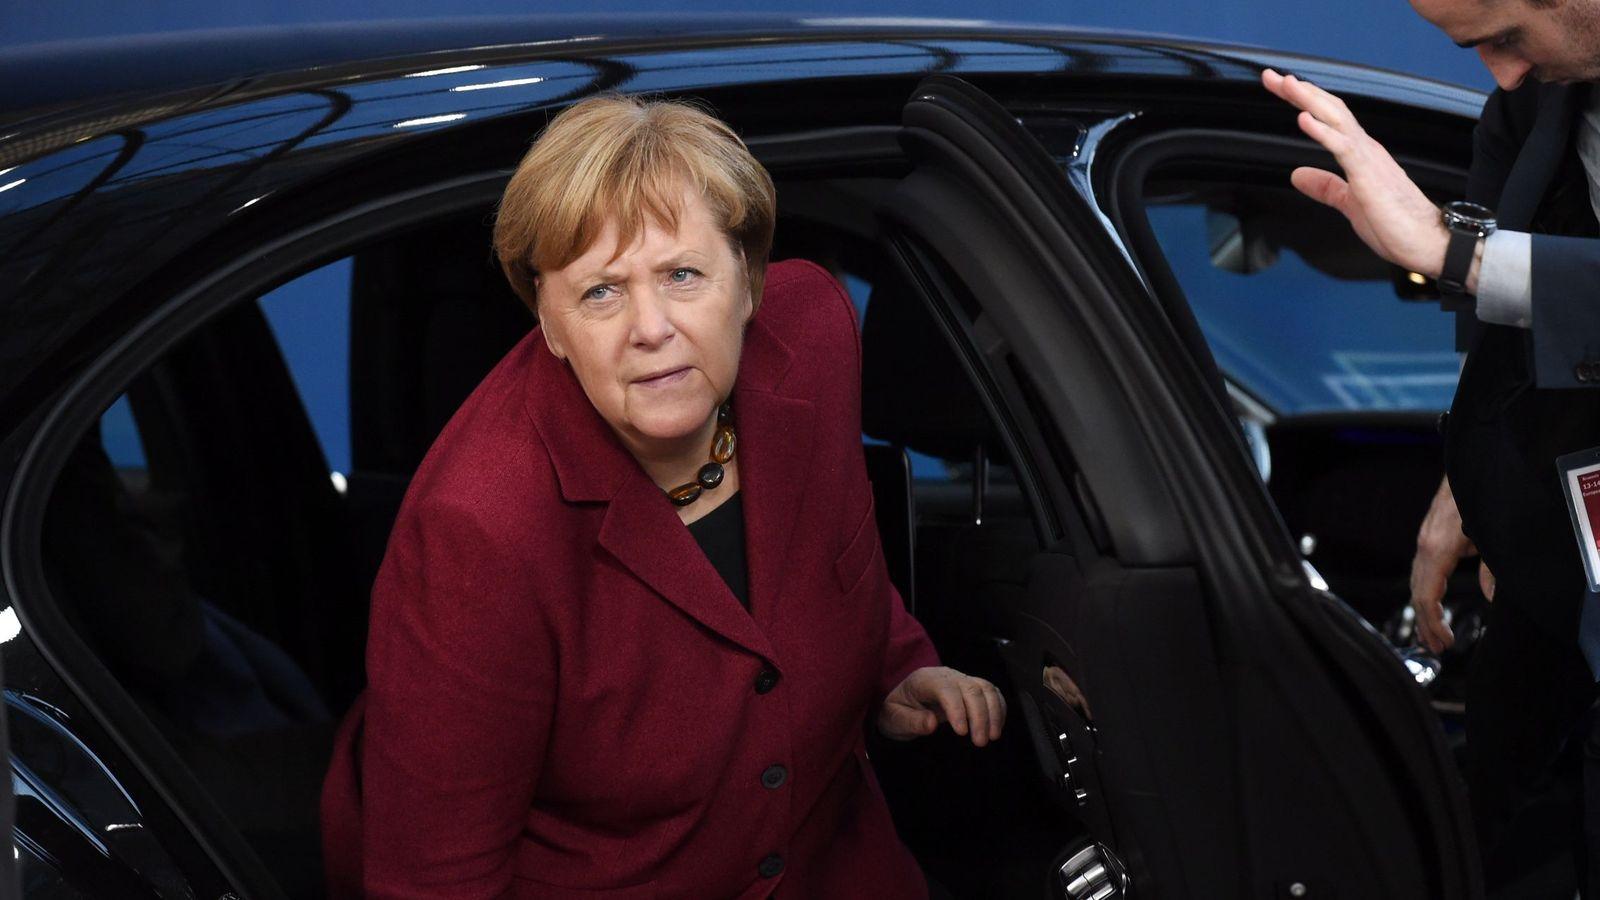 Foto:  La canciller alemana, Angela Merkel, a su llegada la reunión de líderes de la UE, en Bruselas, el 13 de diciembre de 2018. (EFE)